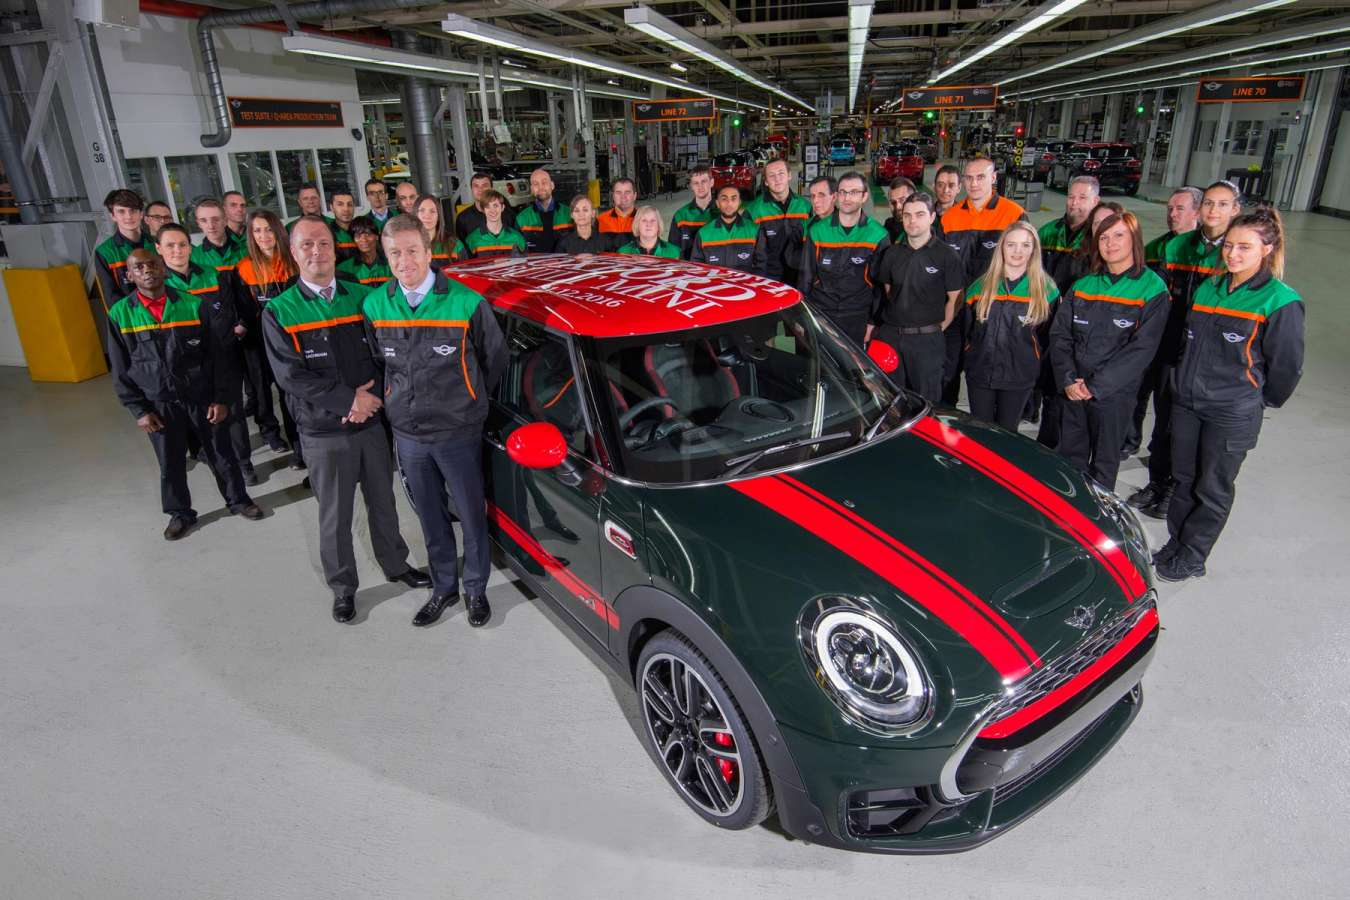 Voiture anglaise marque Mini rhd - Voiture anglaise marque Mini rhd : 3 millions de véhicules produits en import automobile